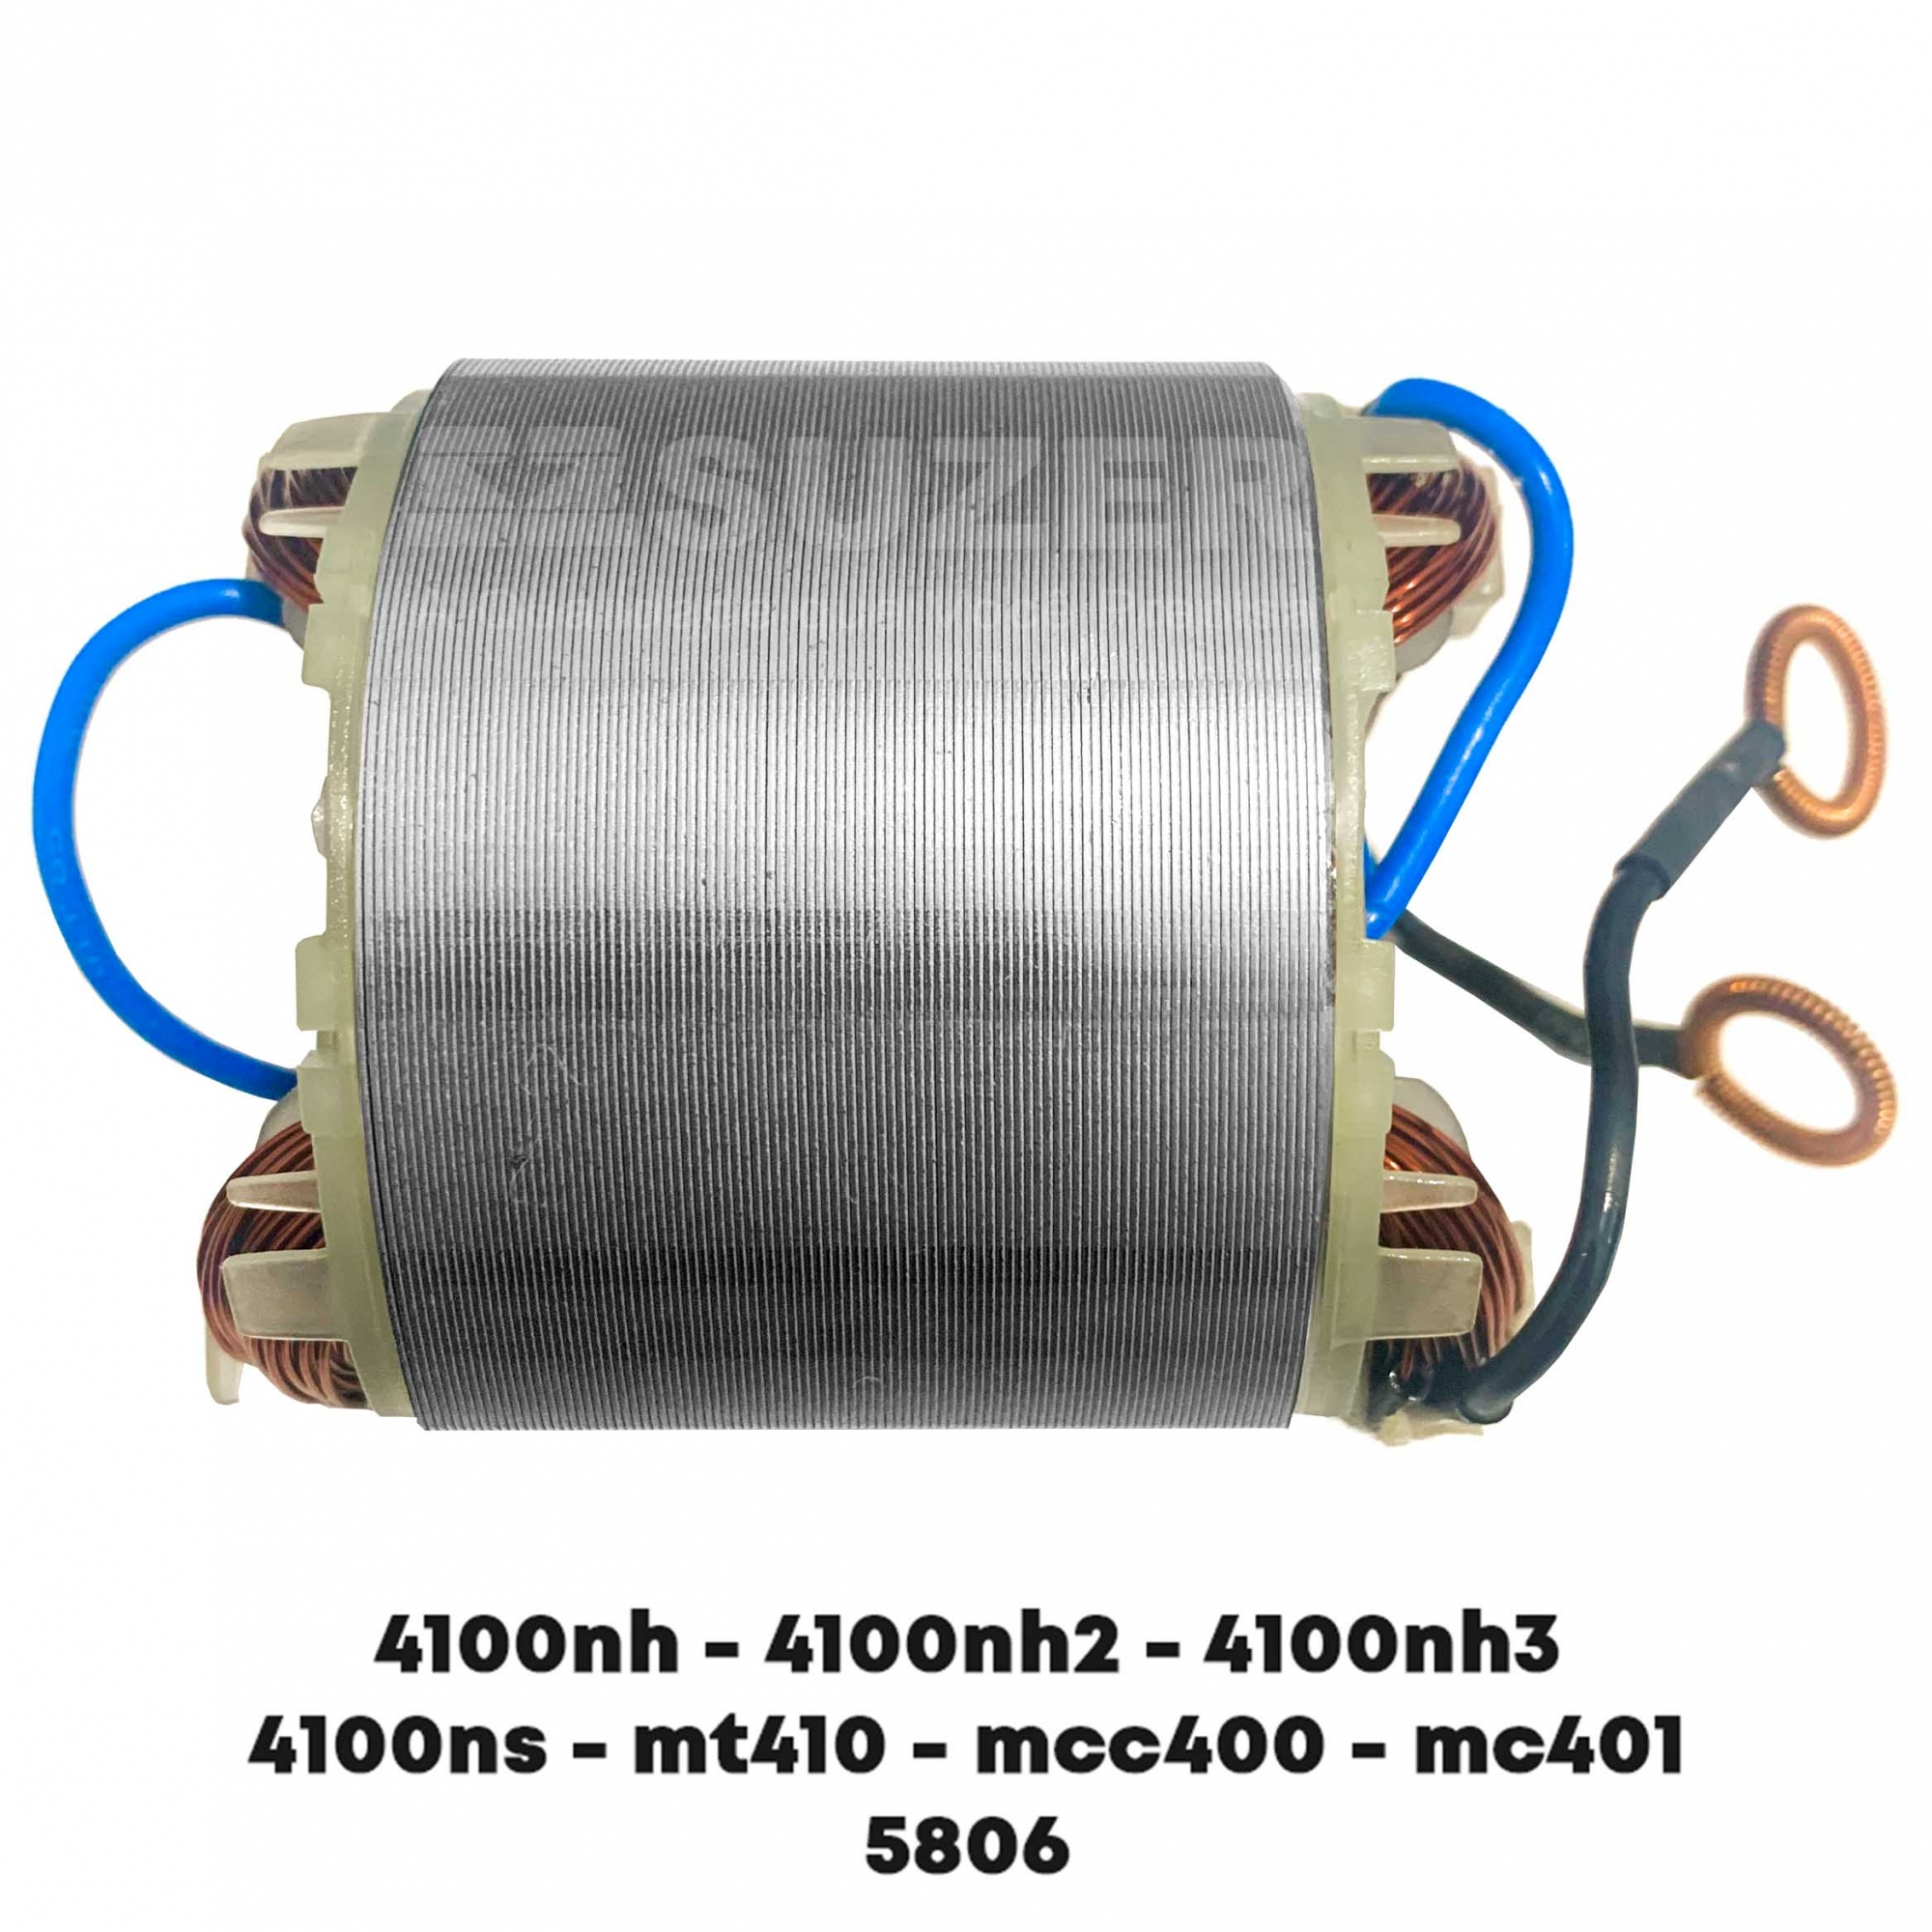 Bobina (Estator) para serra mármore makita 4100NH3 / MT410 / MCC400 / MCC401 Dongcheng